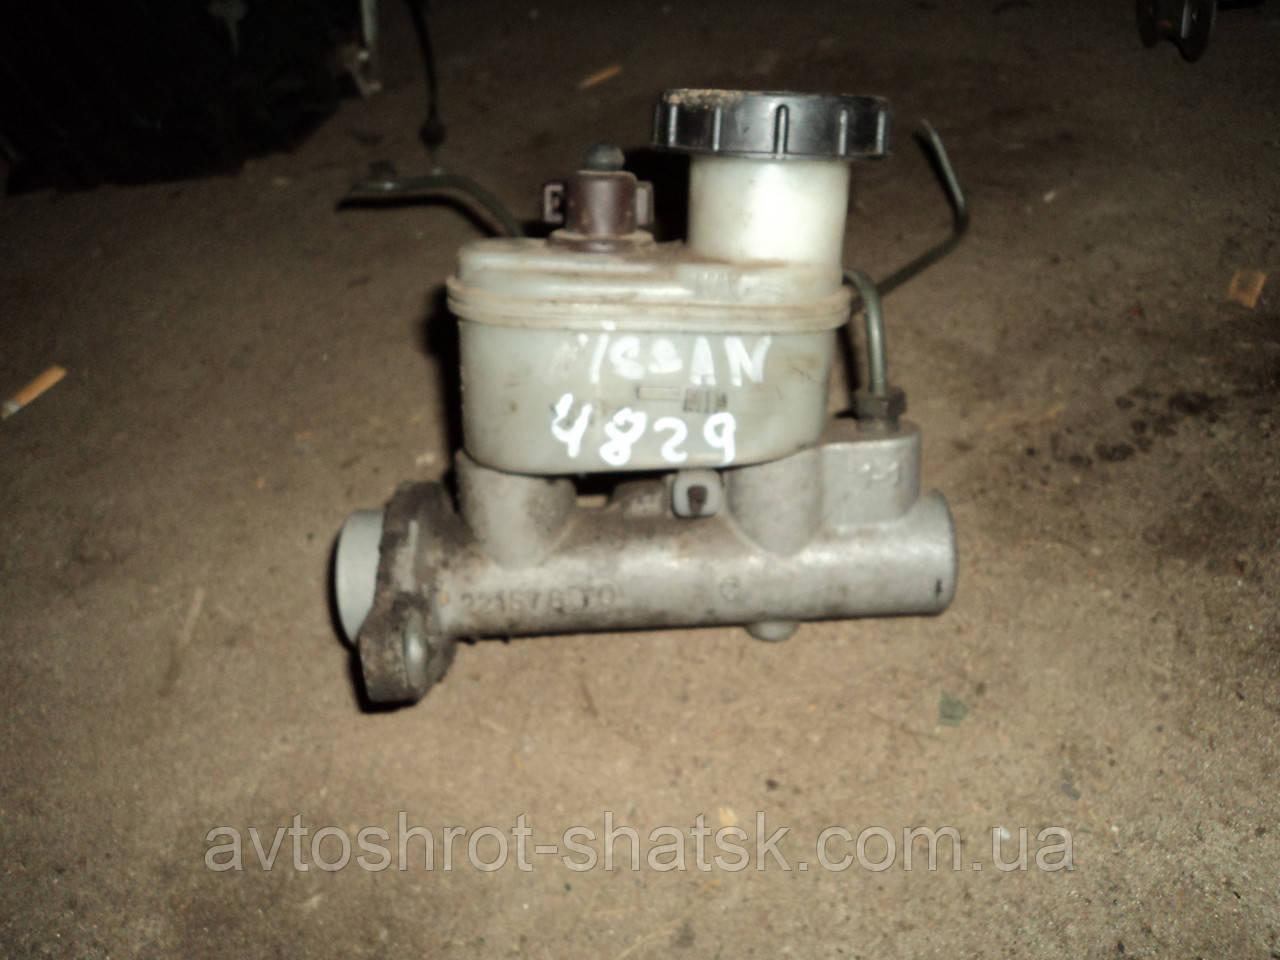 Б/У главний тормозний цилиндр ниссан примера п11